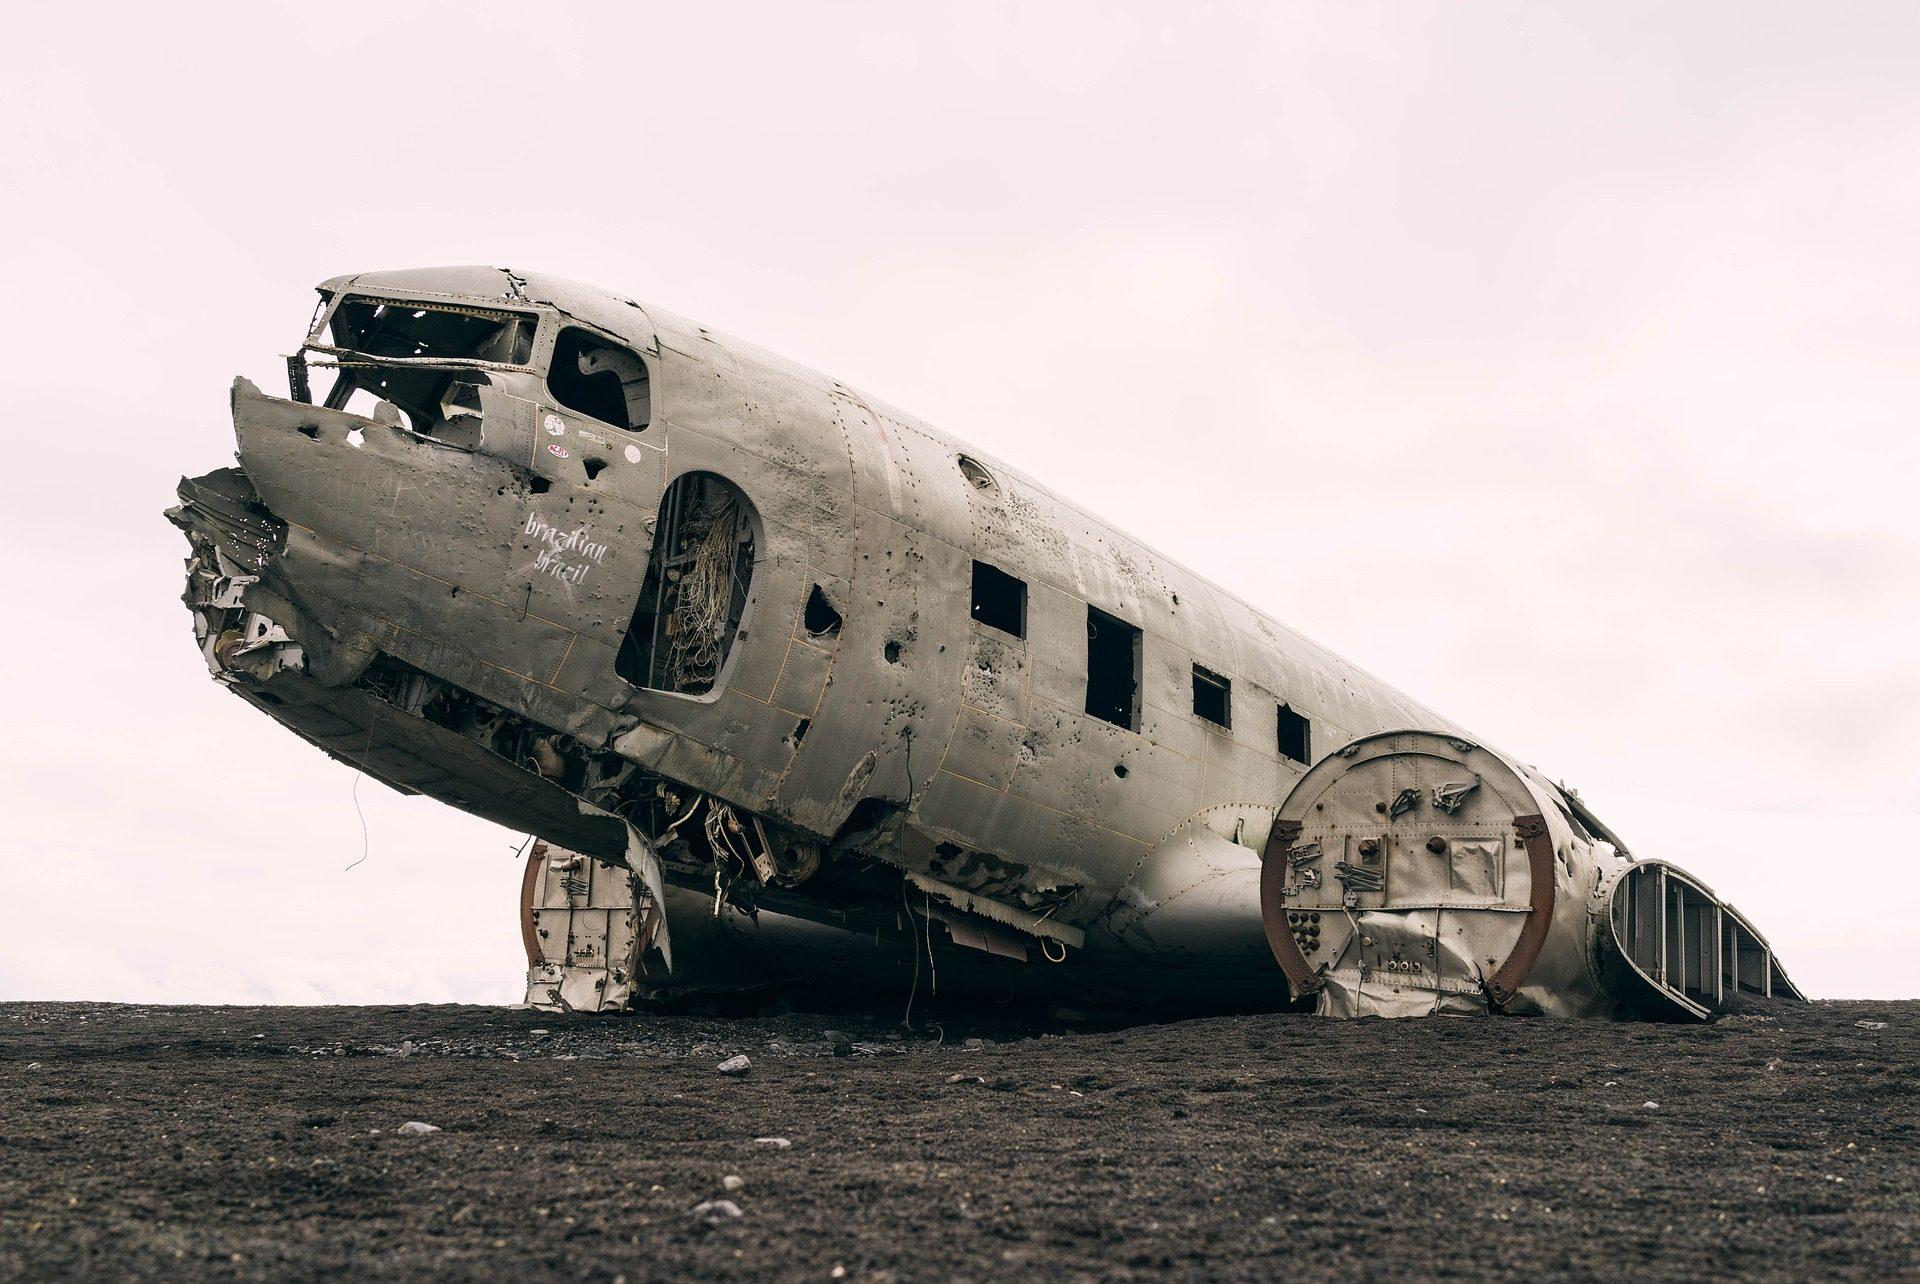 aviões, morto a tiros, abandonado, corrosão, velho - Papéis de parede HD - Professor-falken.com